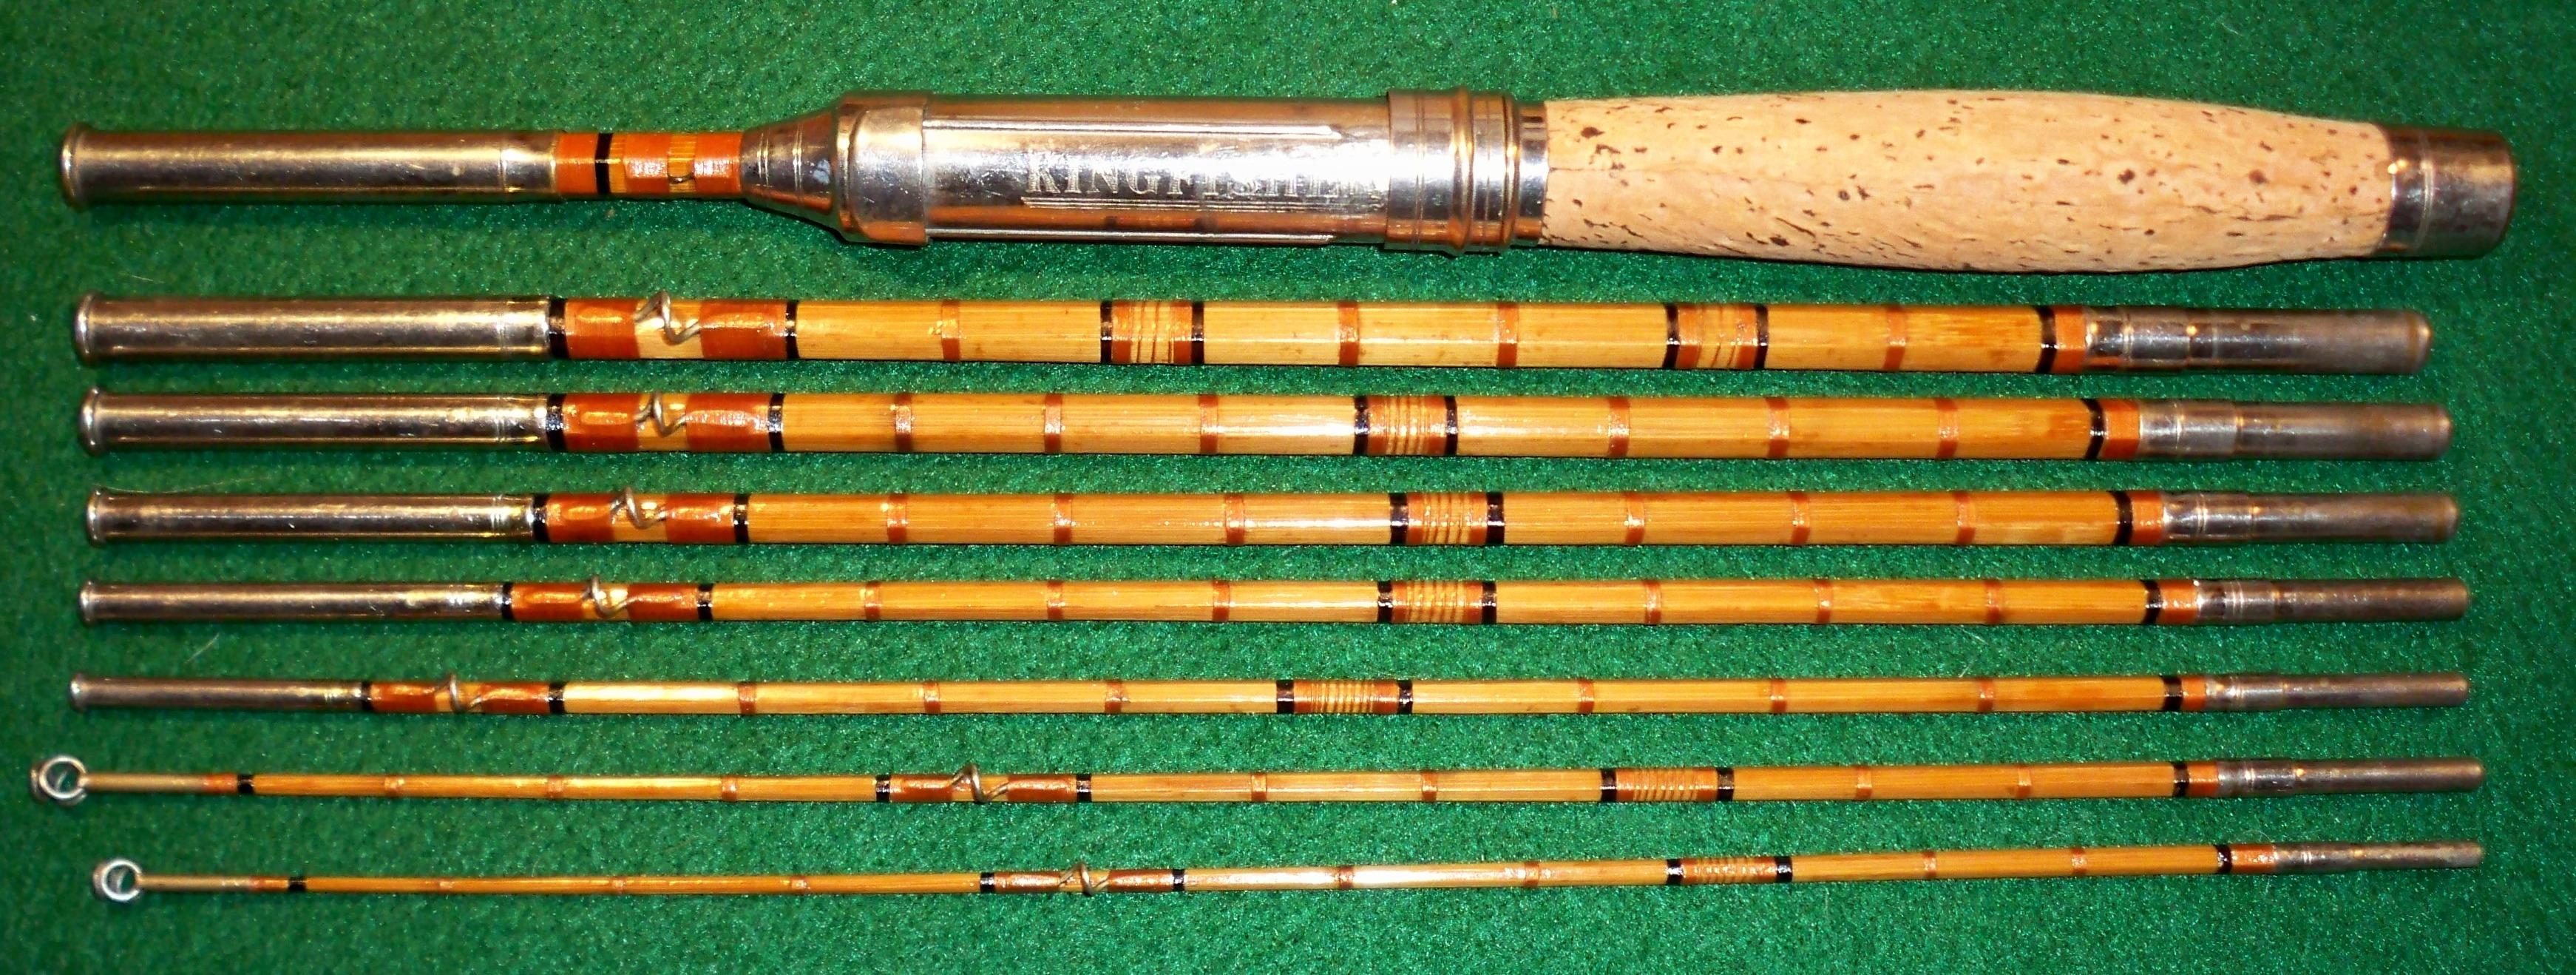 Petites annonces guide de construction de canne a peche en bambou refendu vente